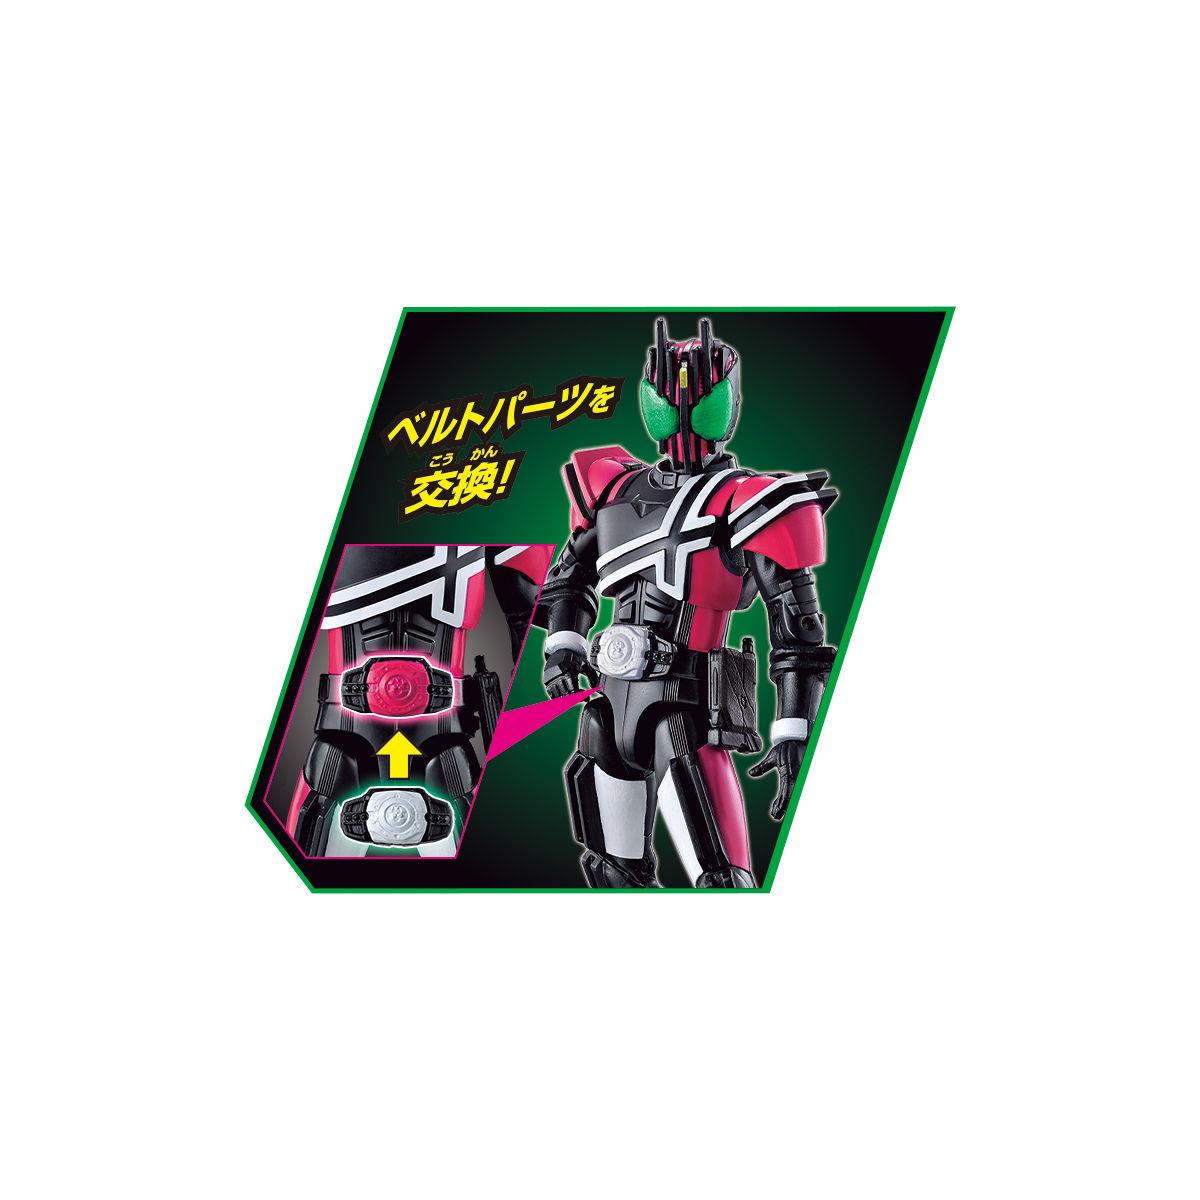 RKFレジェンドライダーシリーズ『仮面ライダーディケイド』可動フィギュア-005